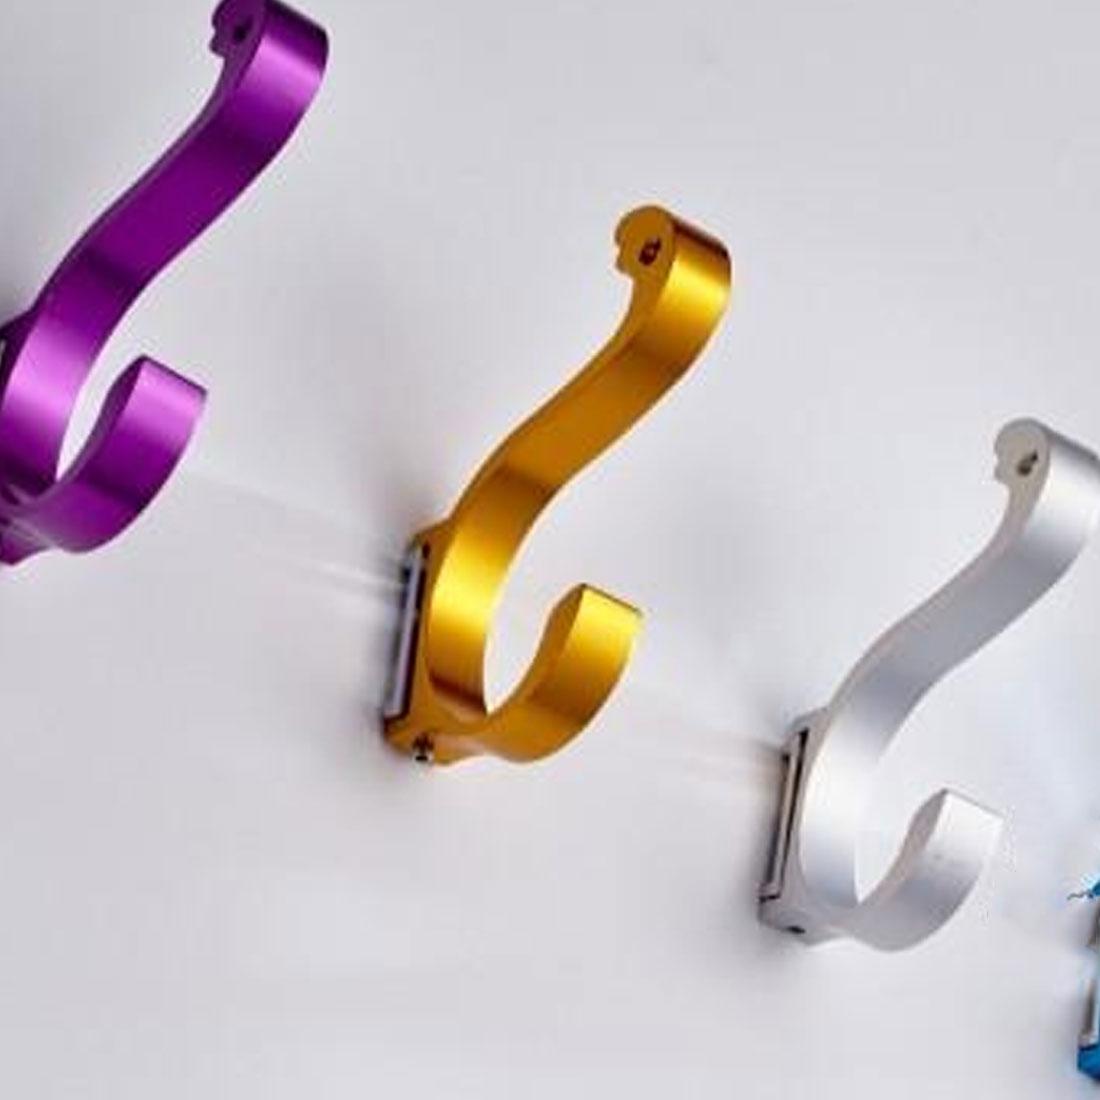 Bosch Siemens Hausgeräte Gefrierfachklappenhalter links  00657906 für Gefriersch